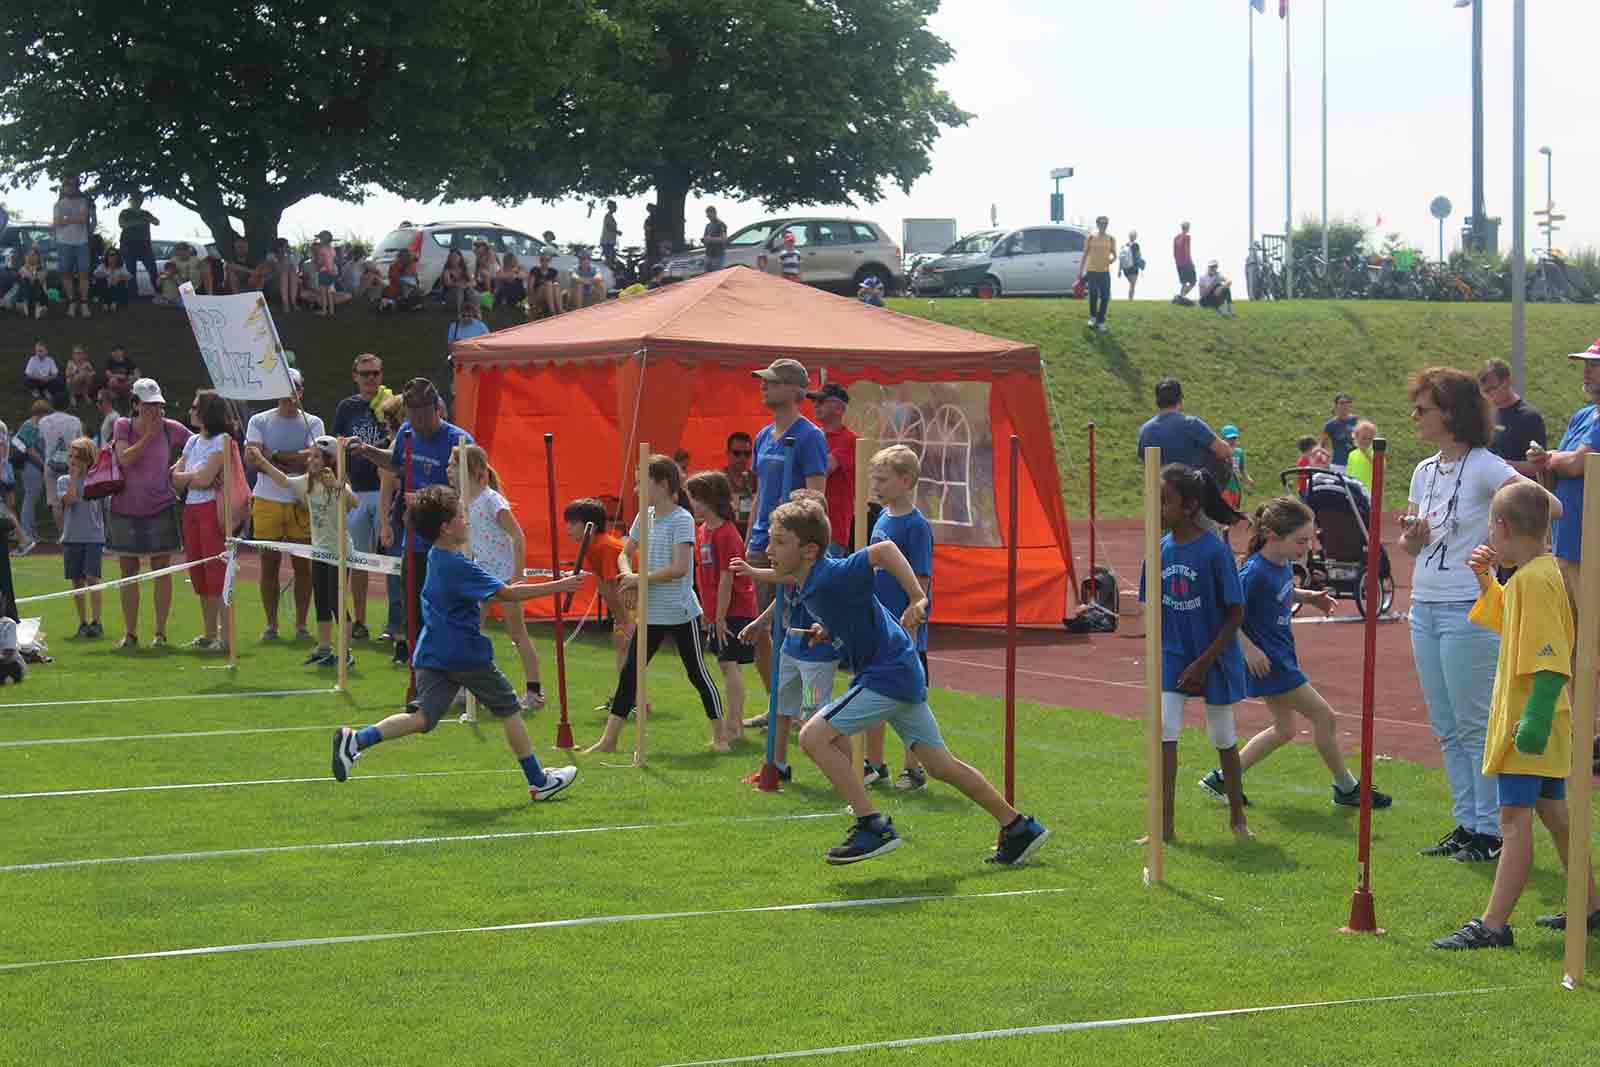 Die Läuferinnen und Läufer der Stafetten beweisen vollen Einsatz und Teamgeist.